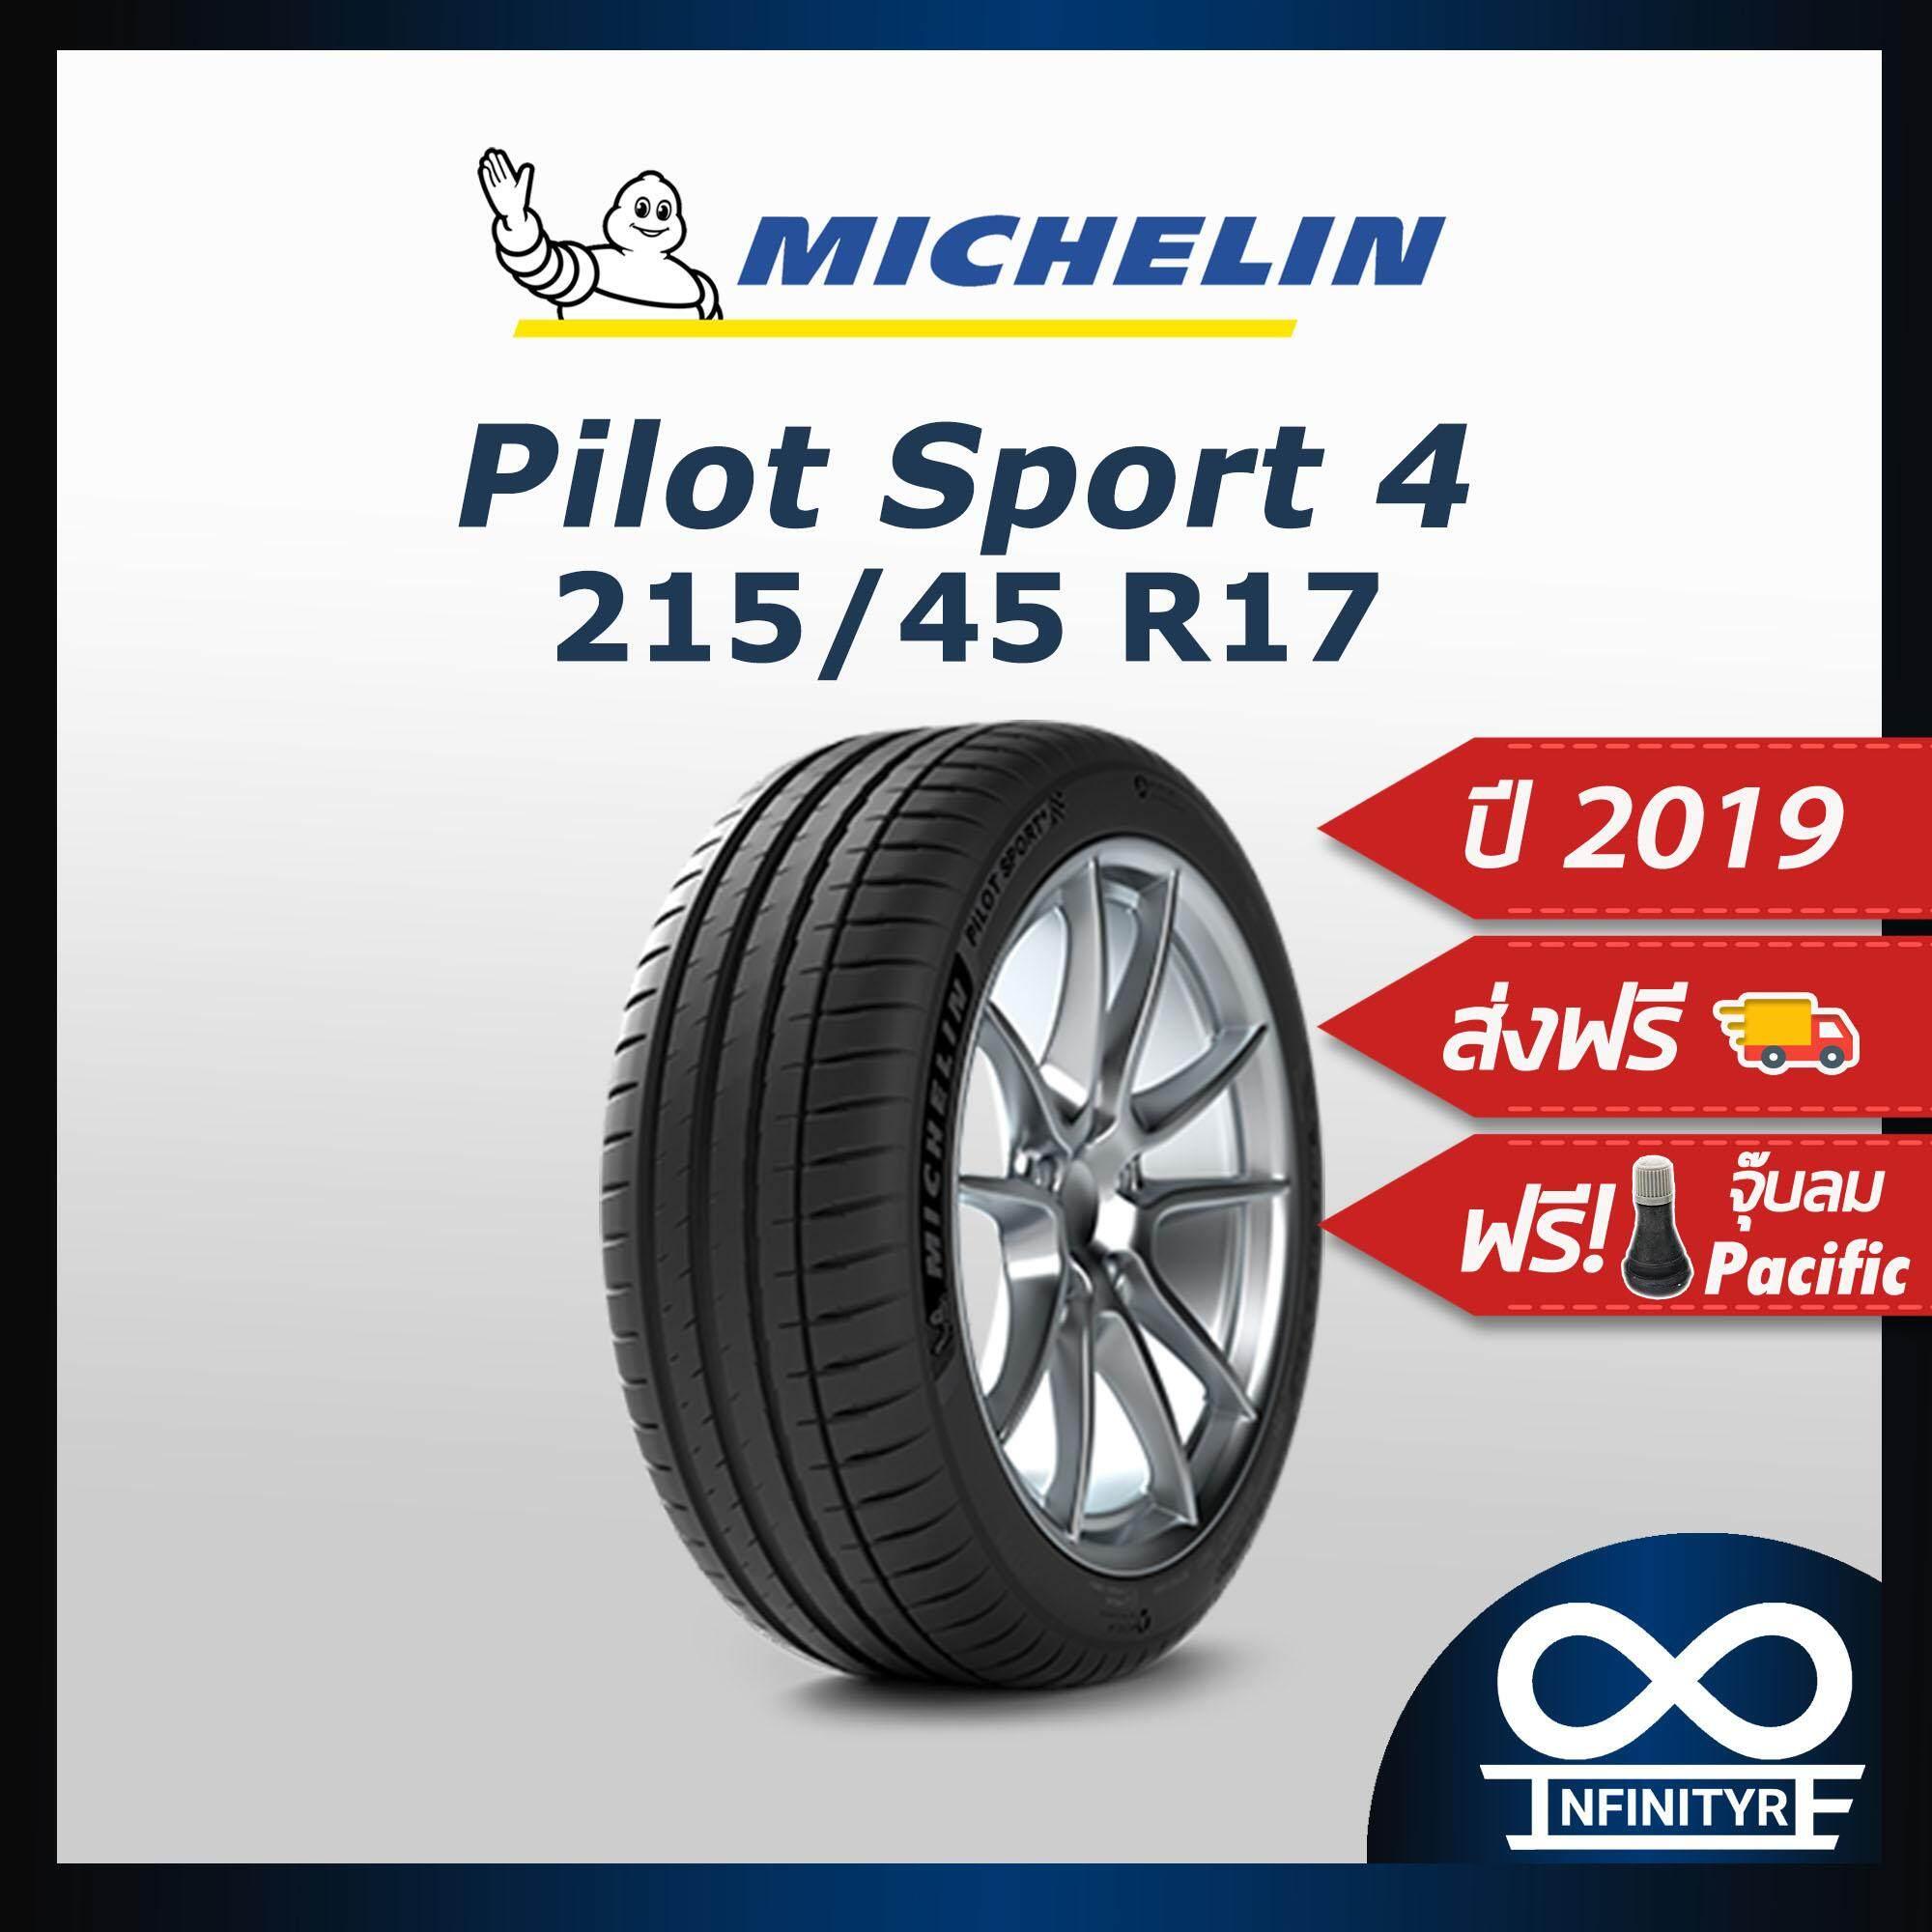 ประกันภัย รถยนต์ แบบ ผ่อน ได้ นราธิวาส 215/45R17 Michelin มิชลิน รุ่น Pilot Sport4 (ปี2019) ฟรี! จุ๊บลมPacific เกรดพรีเมี่ยม